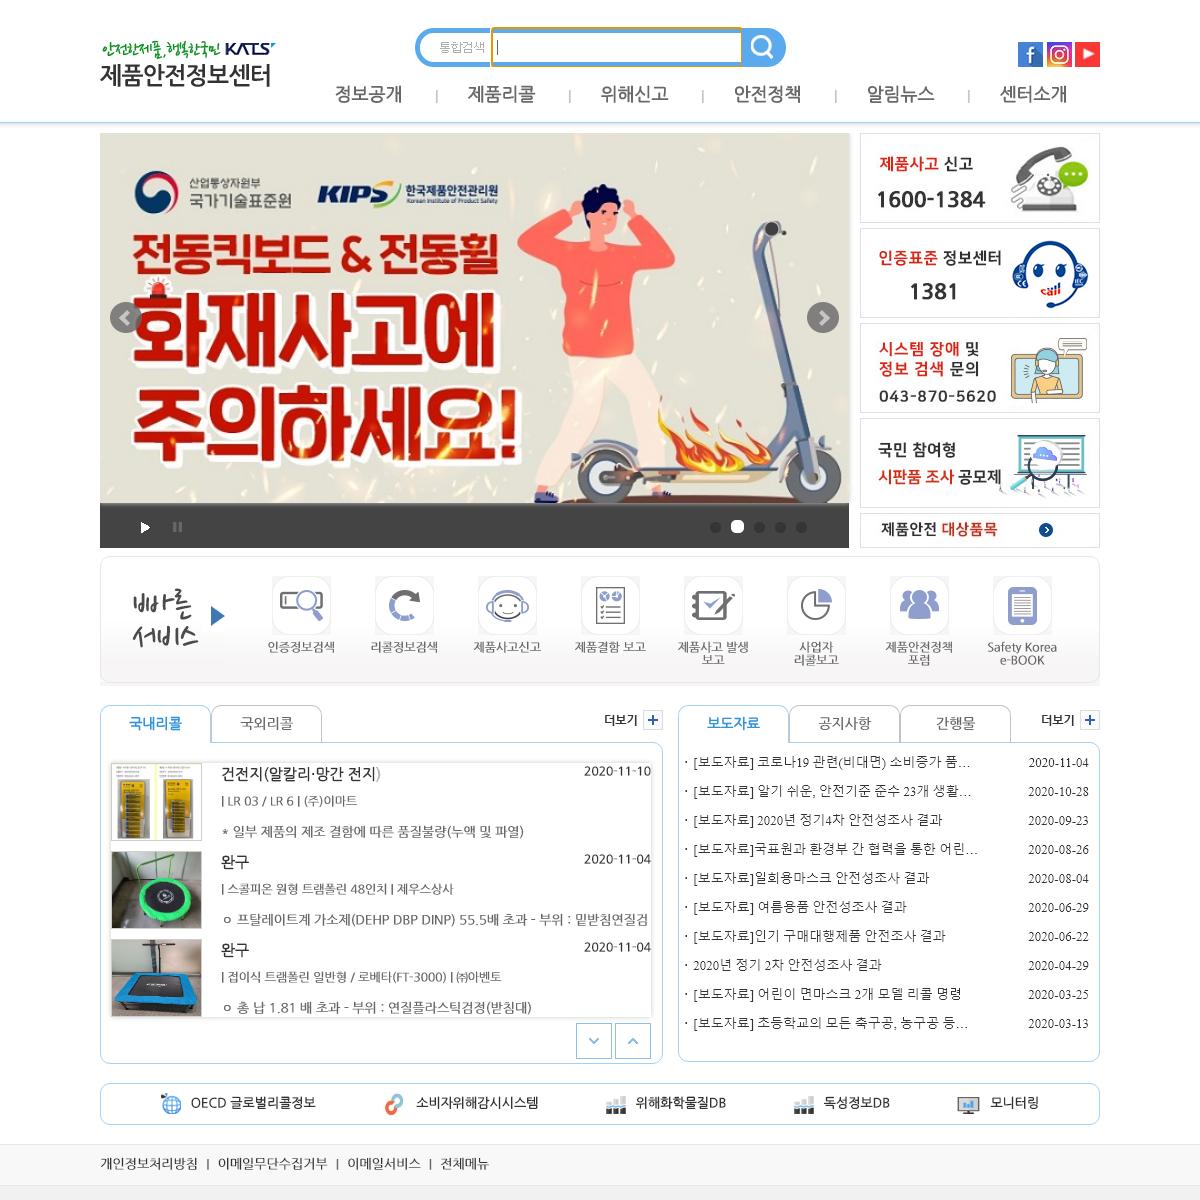 Safety Korea - 제품안전정보센터